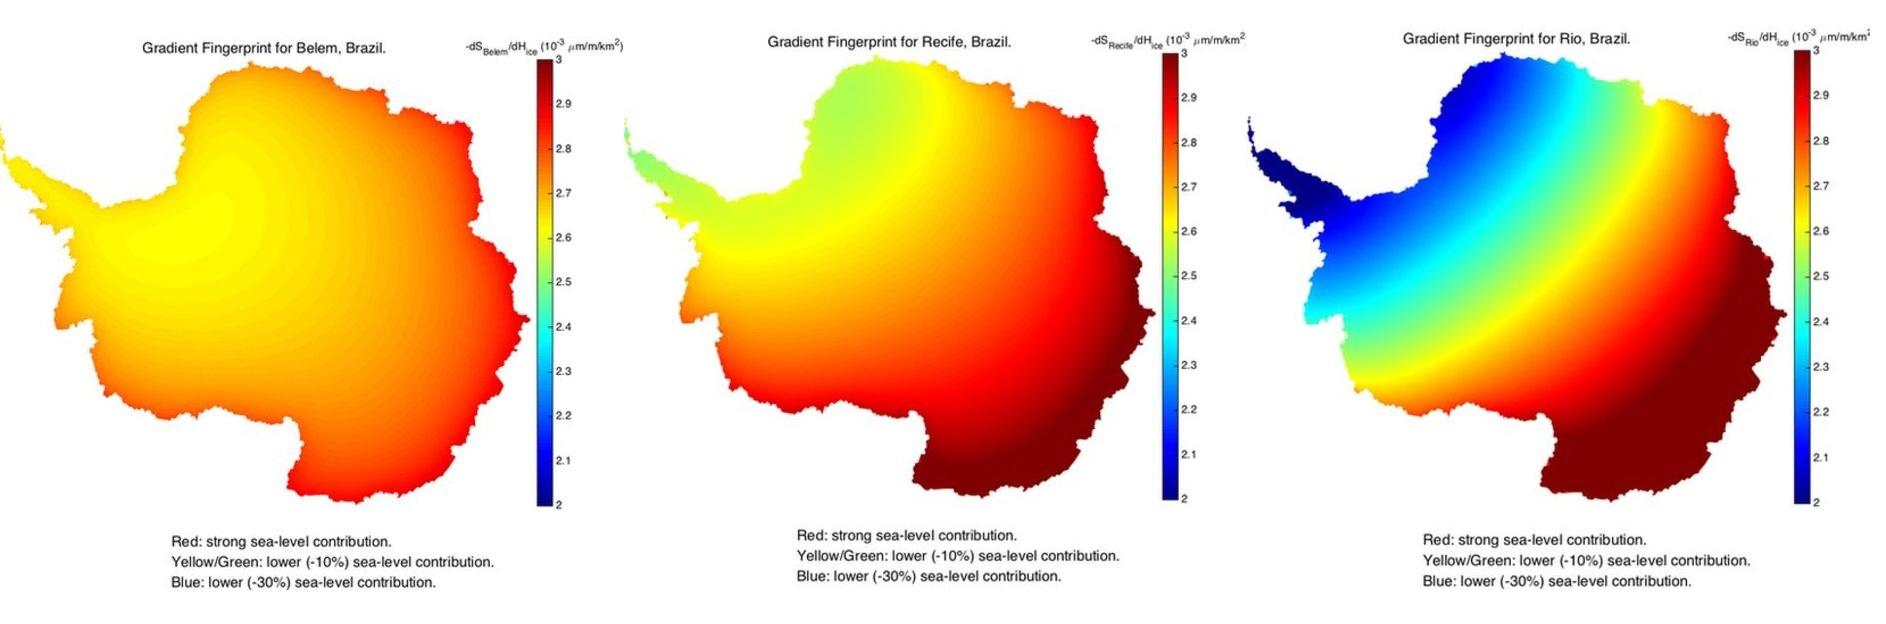 Os dados da Nasa para Belém, Recife e Rio de Janeiro:  quanto mais vermelho, mais sensível a cidade é à dissolução do gelo. Foto: JPL Nasa